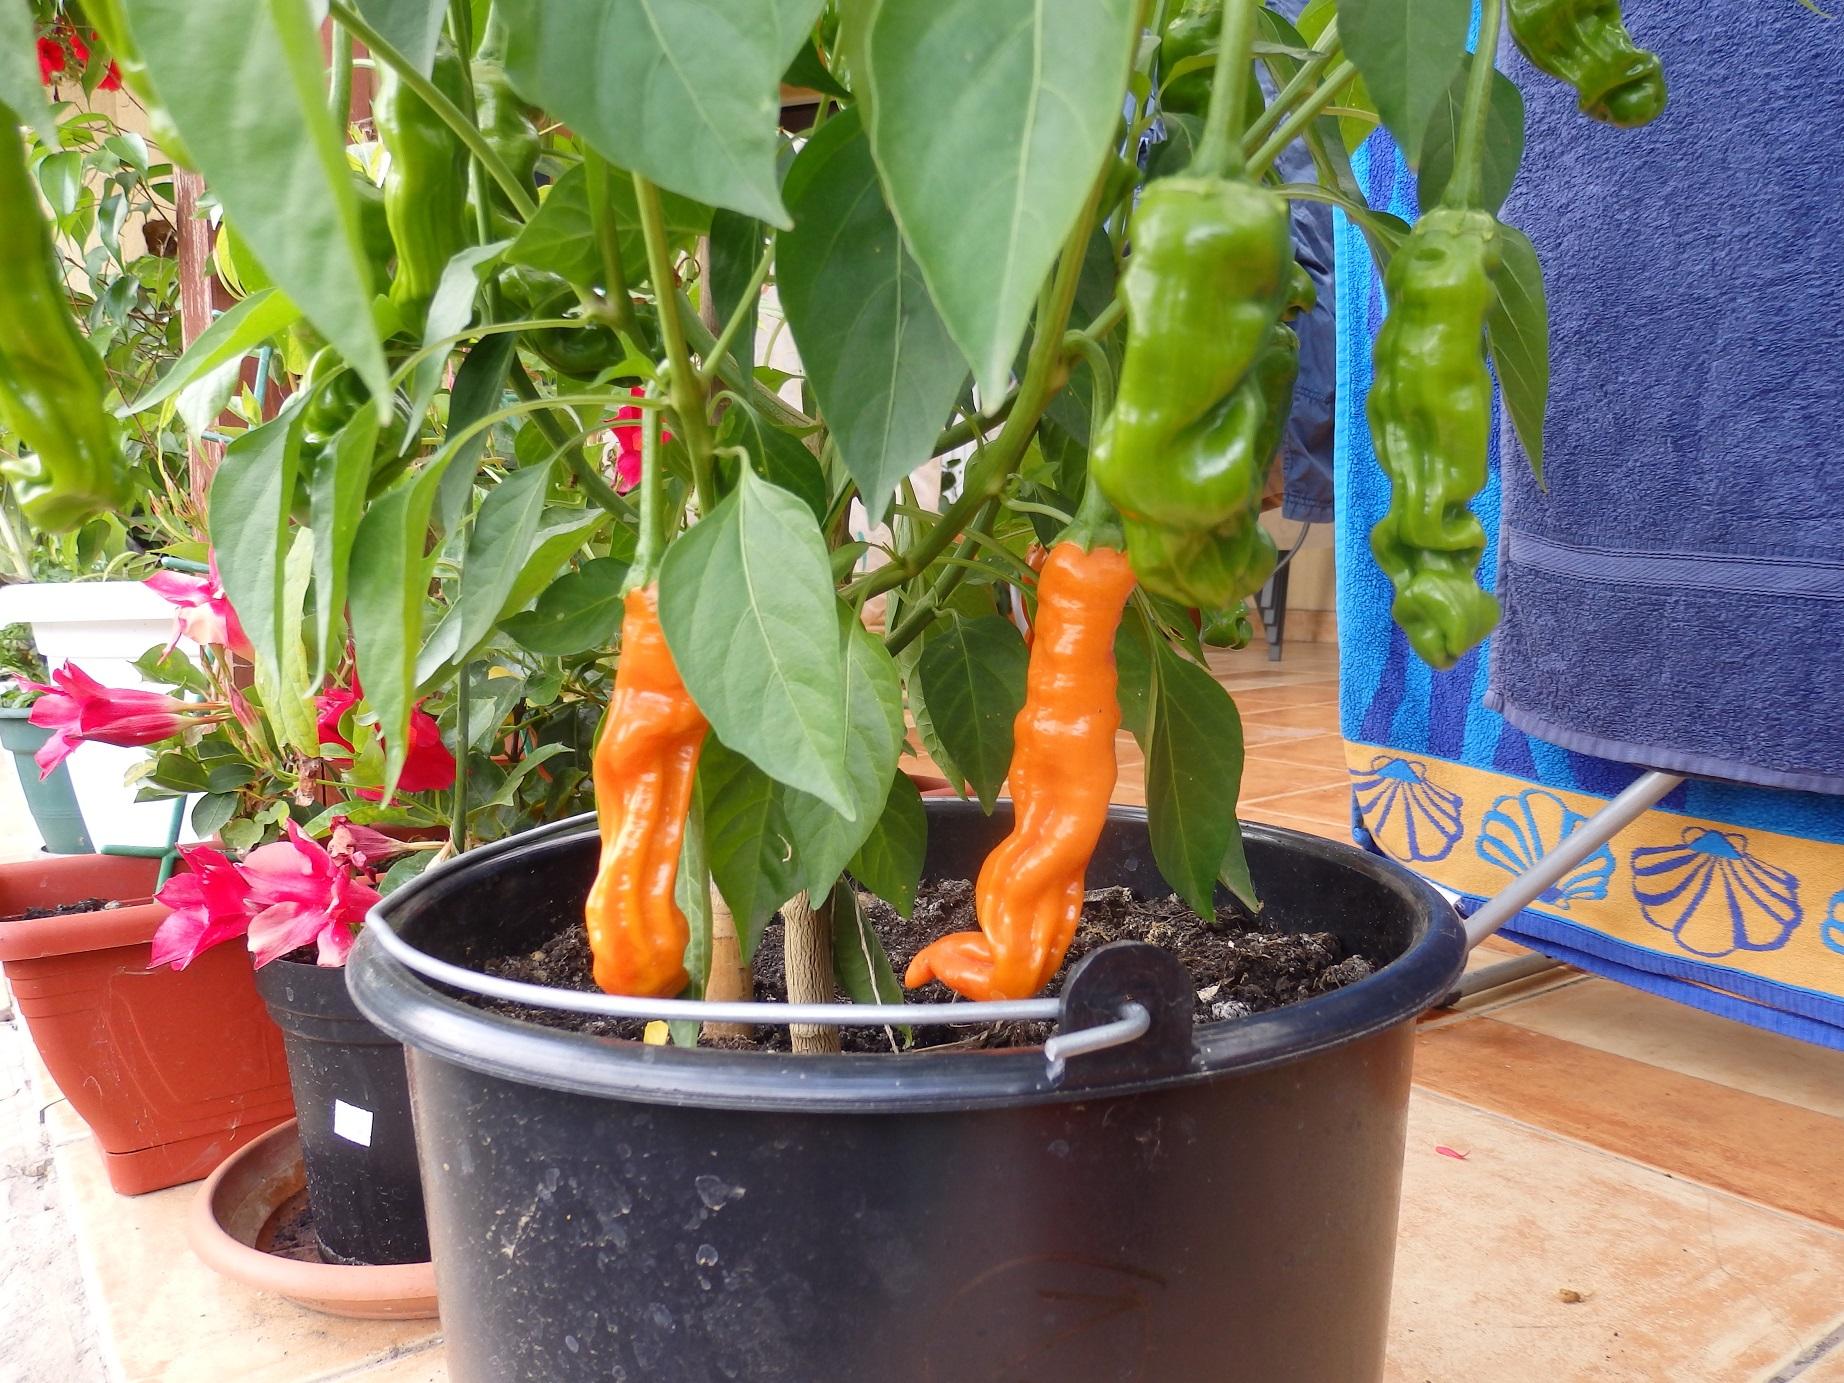 peter's pepper pöcs paprika